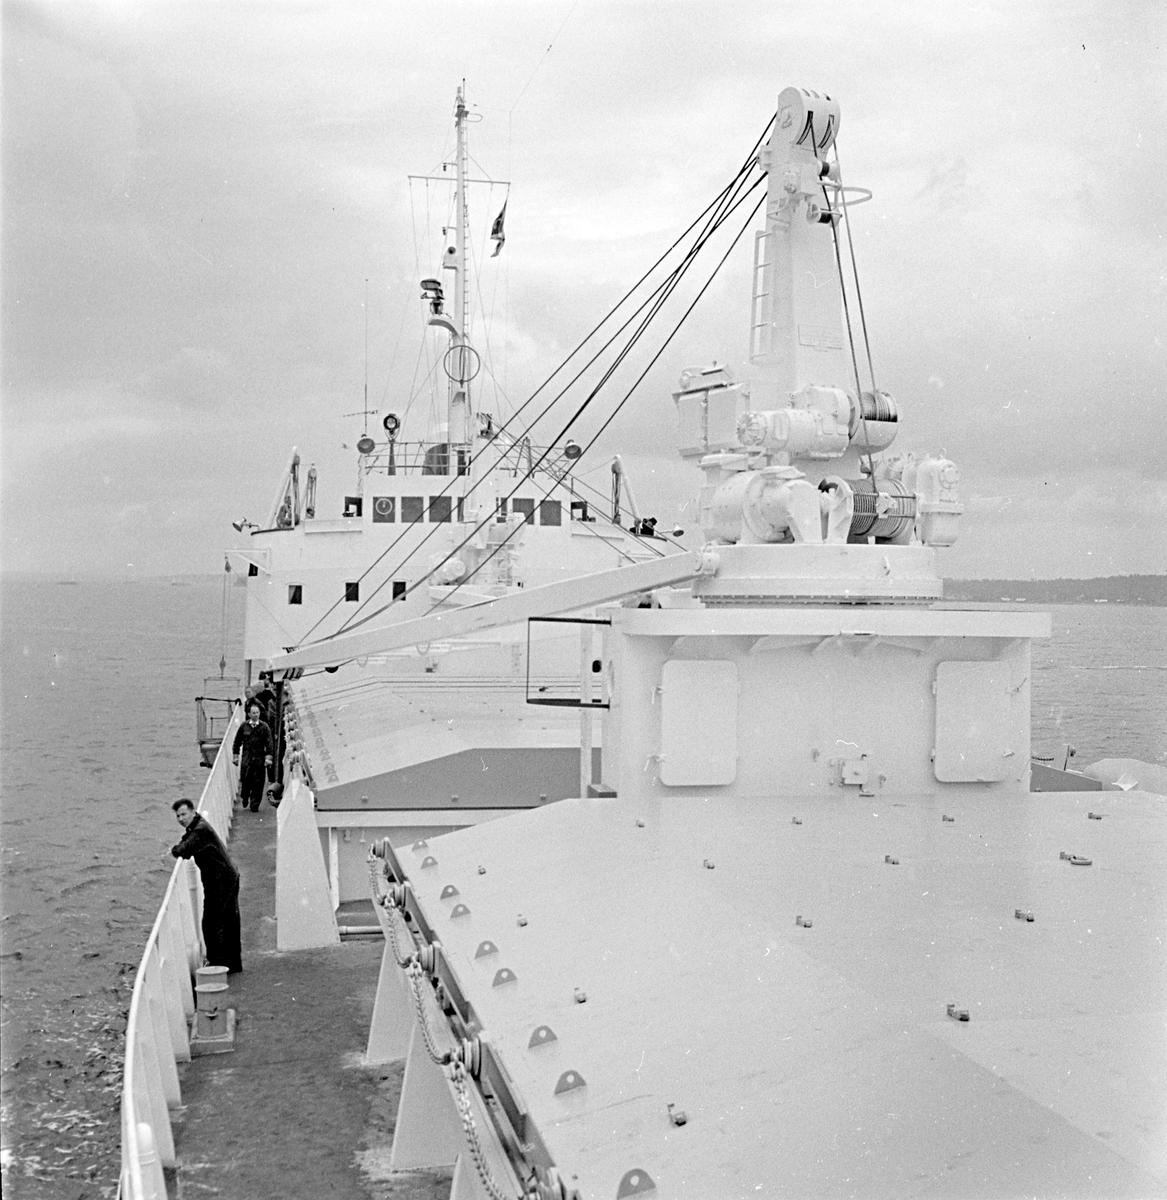 Den 24 juni 1963. Gävle Varv. M/S Nova. Ingenjör Cedergren.